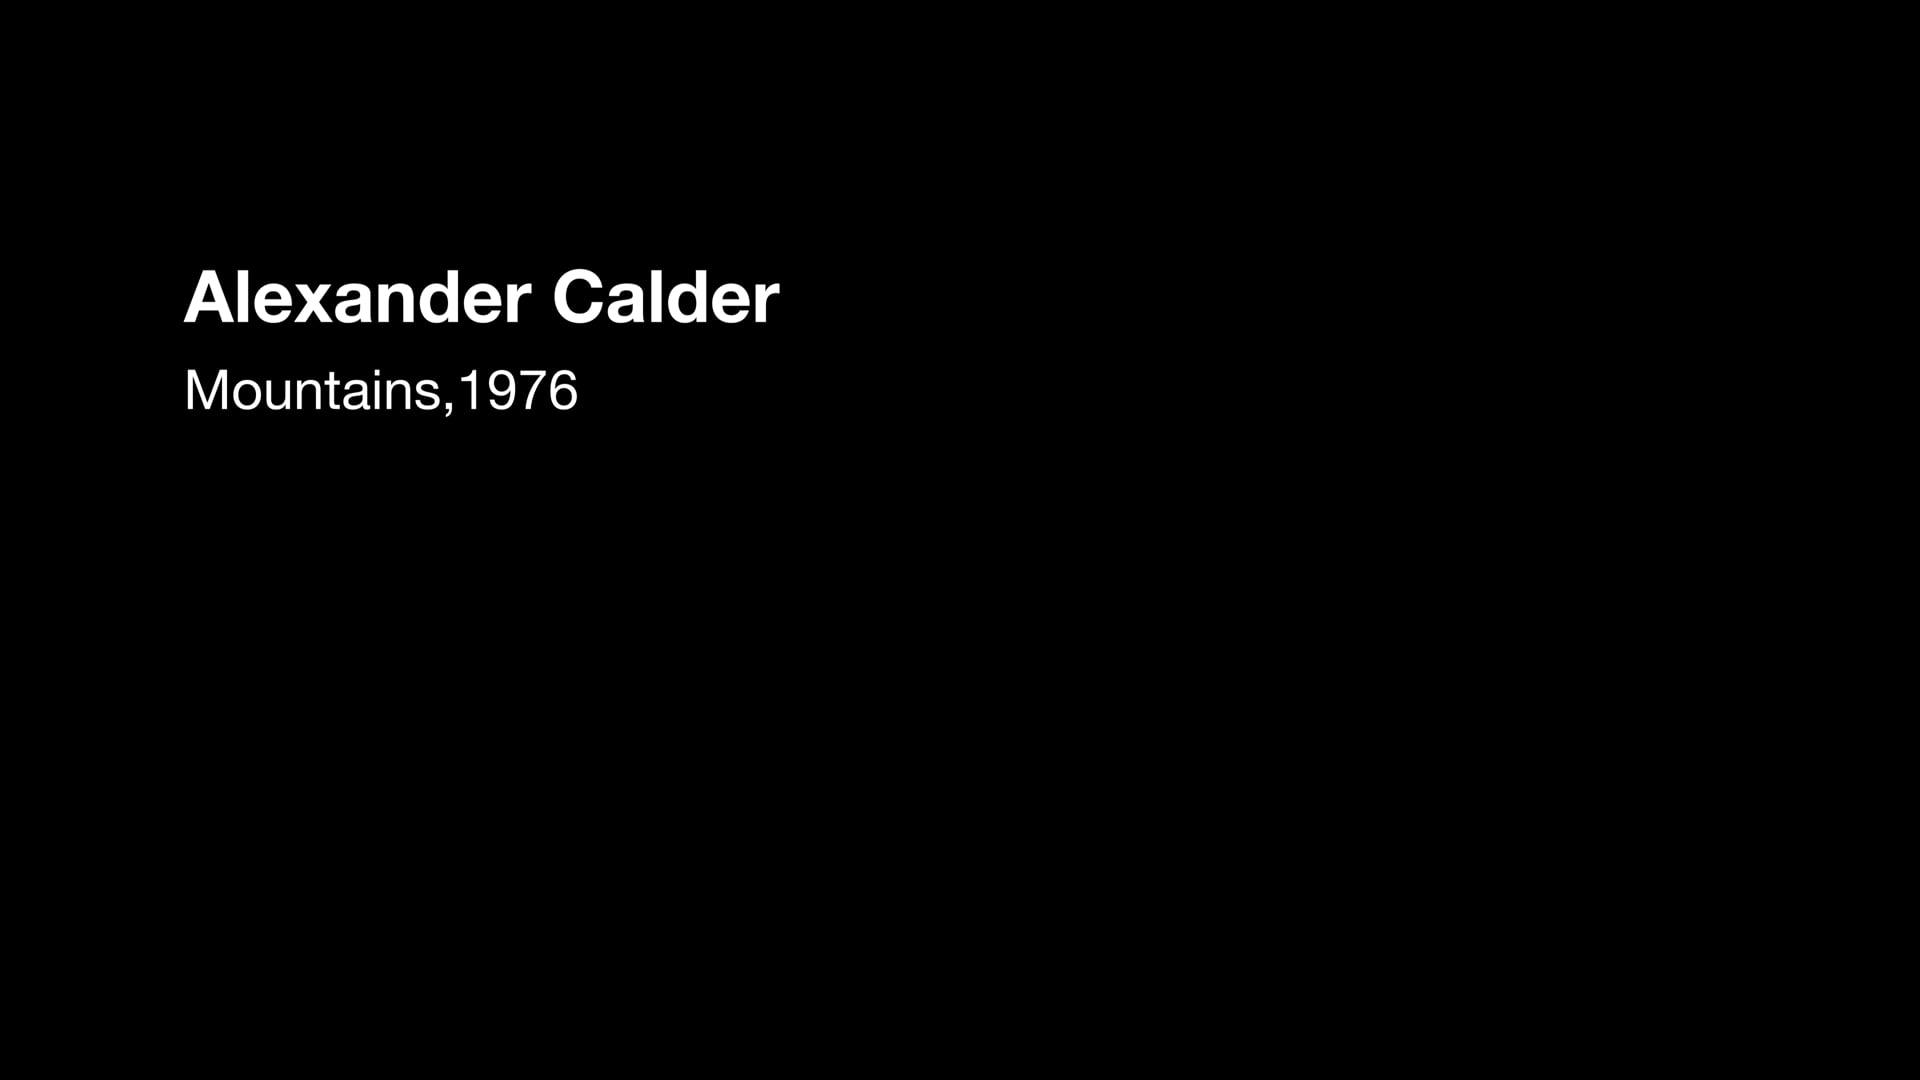 Alexander Calder, Mountain 1976